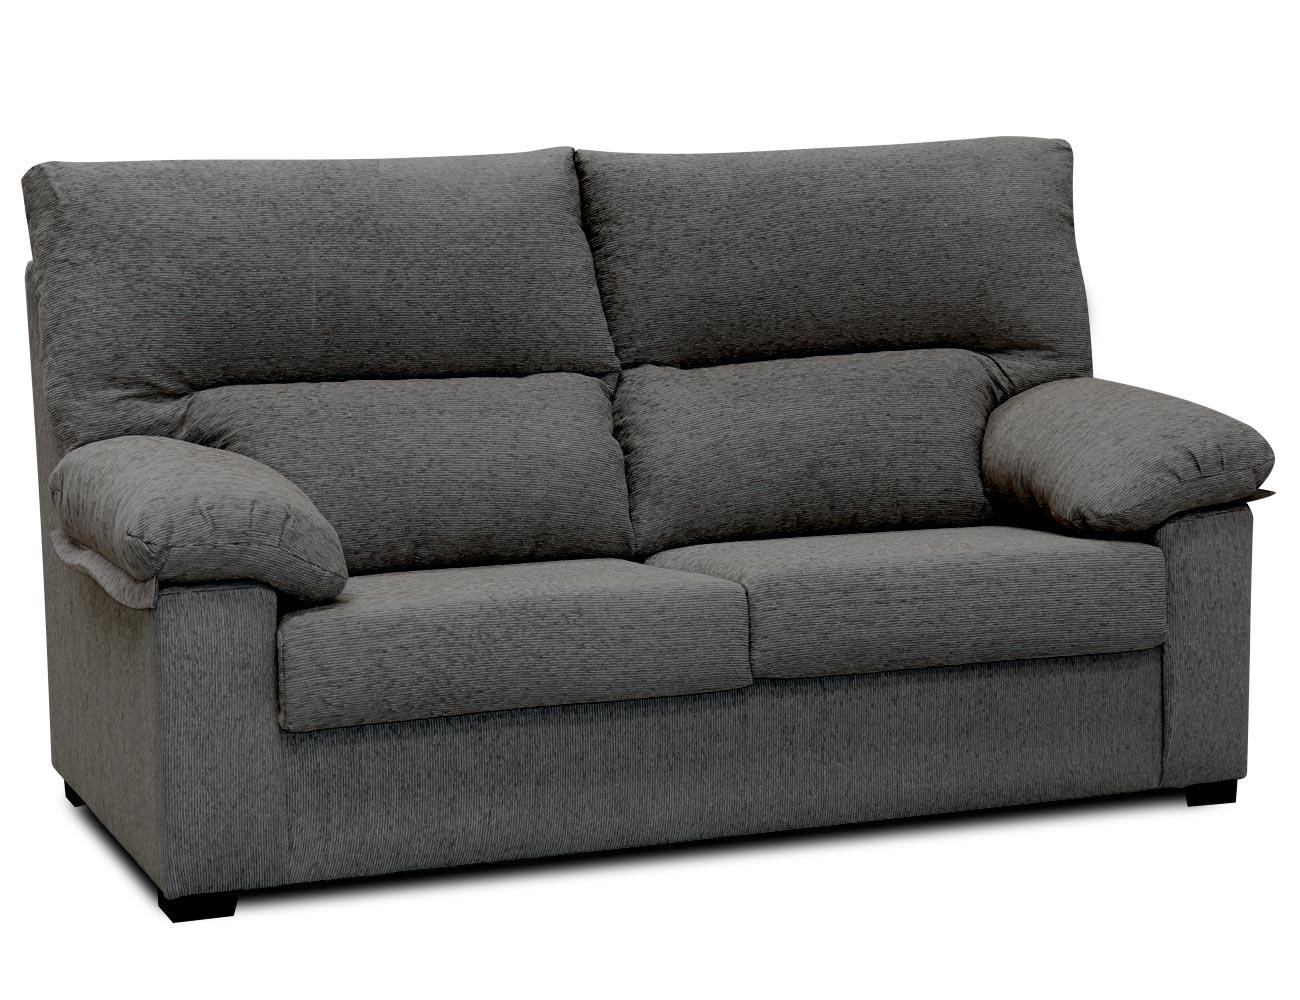 sof de 3 plazas de calidad y buen precio 6500 factory